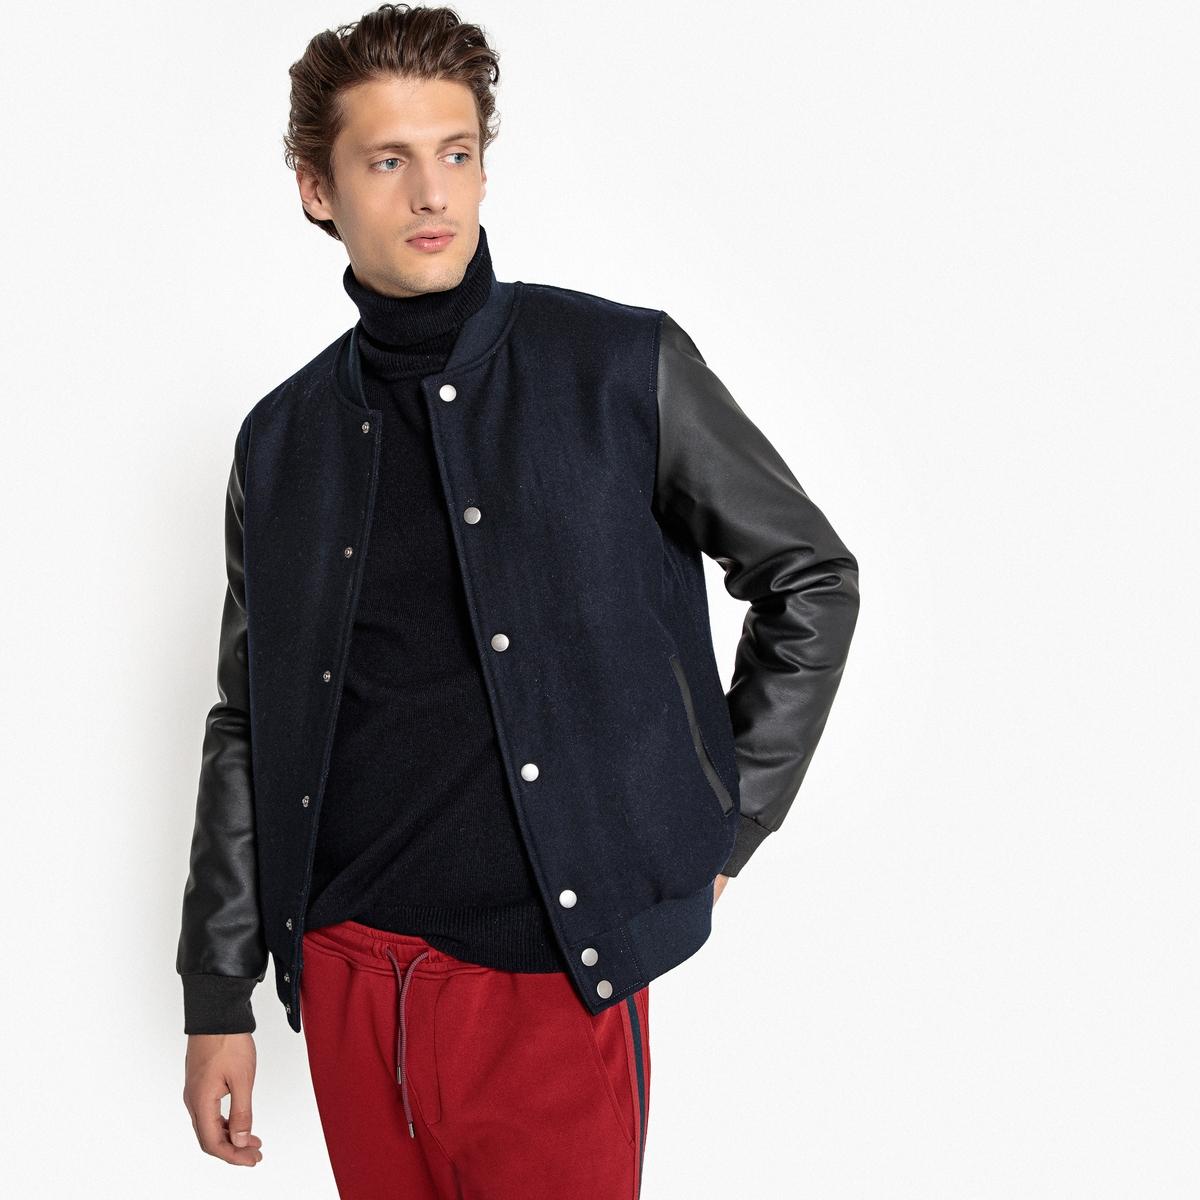 Блузон в стиле тедди из двух материалов из шерстяного драпа пальто из шерстяного драпа 70